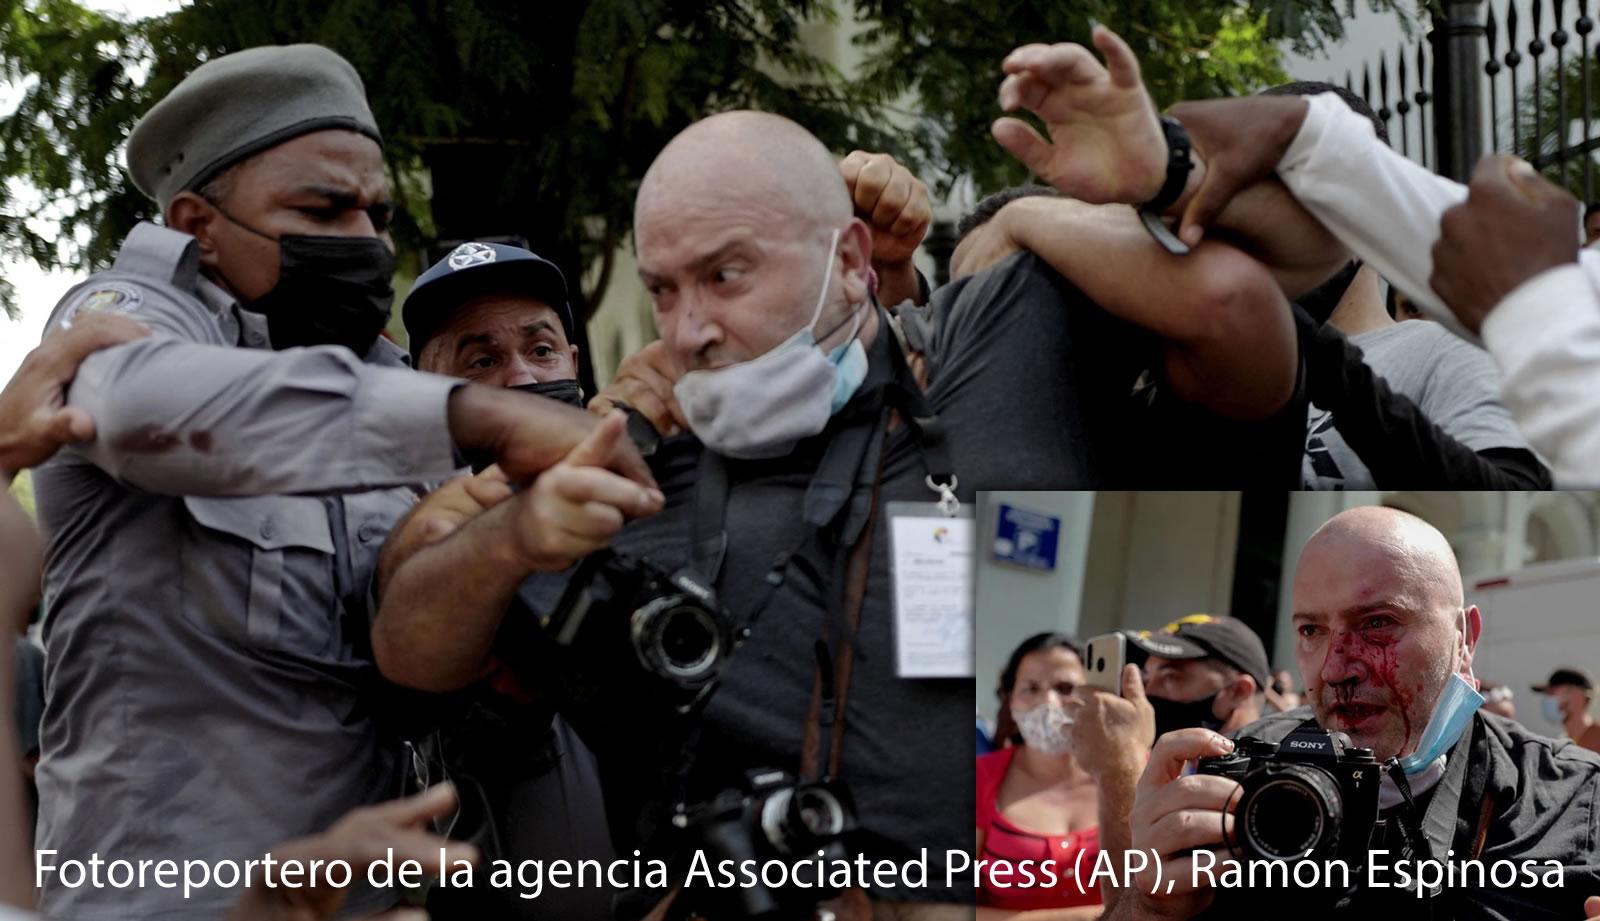 Fotoreportero de la agencia Associated Press (AP), Ramón Espinosa